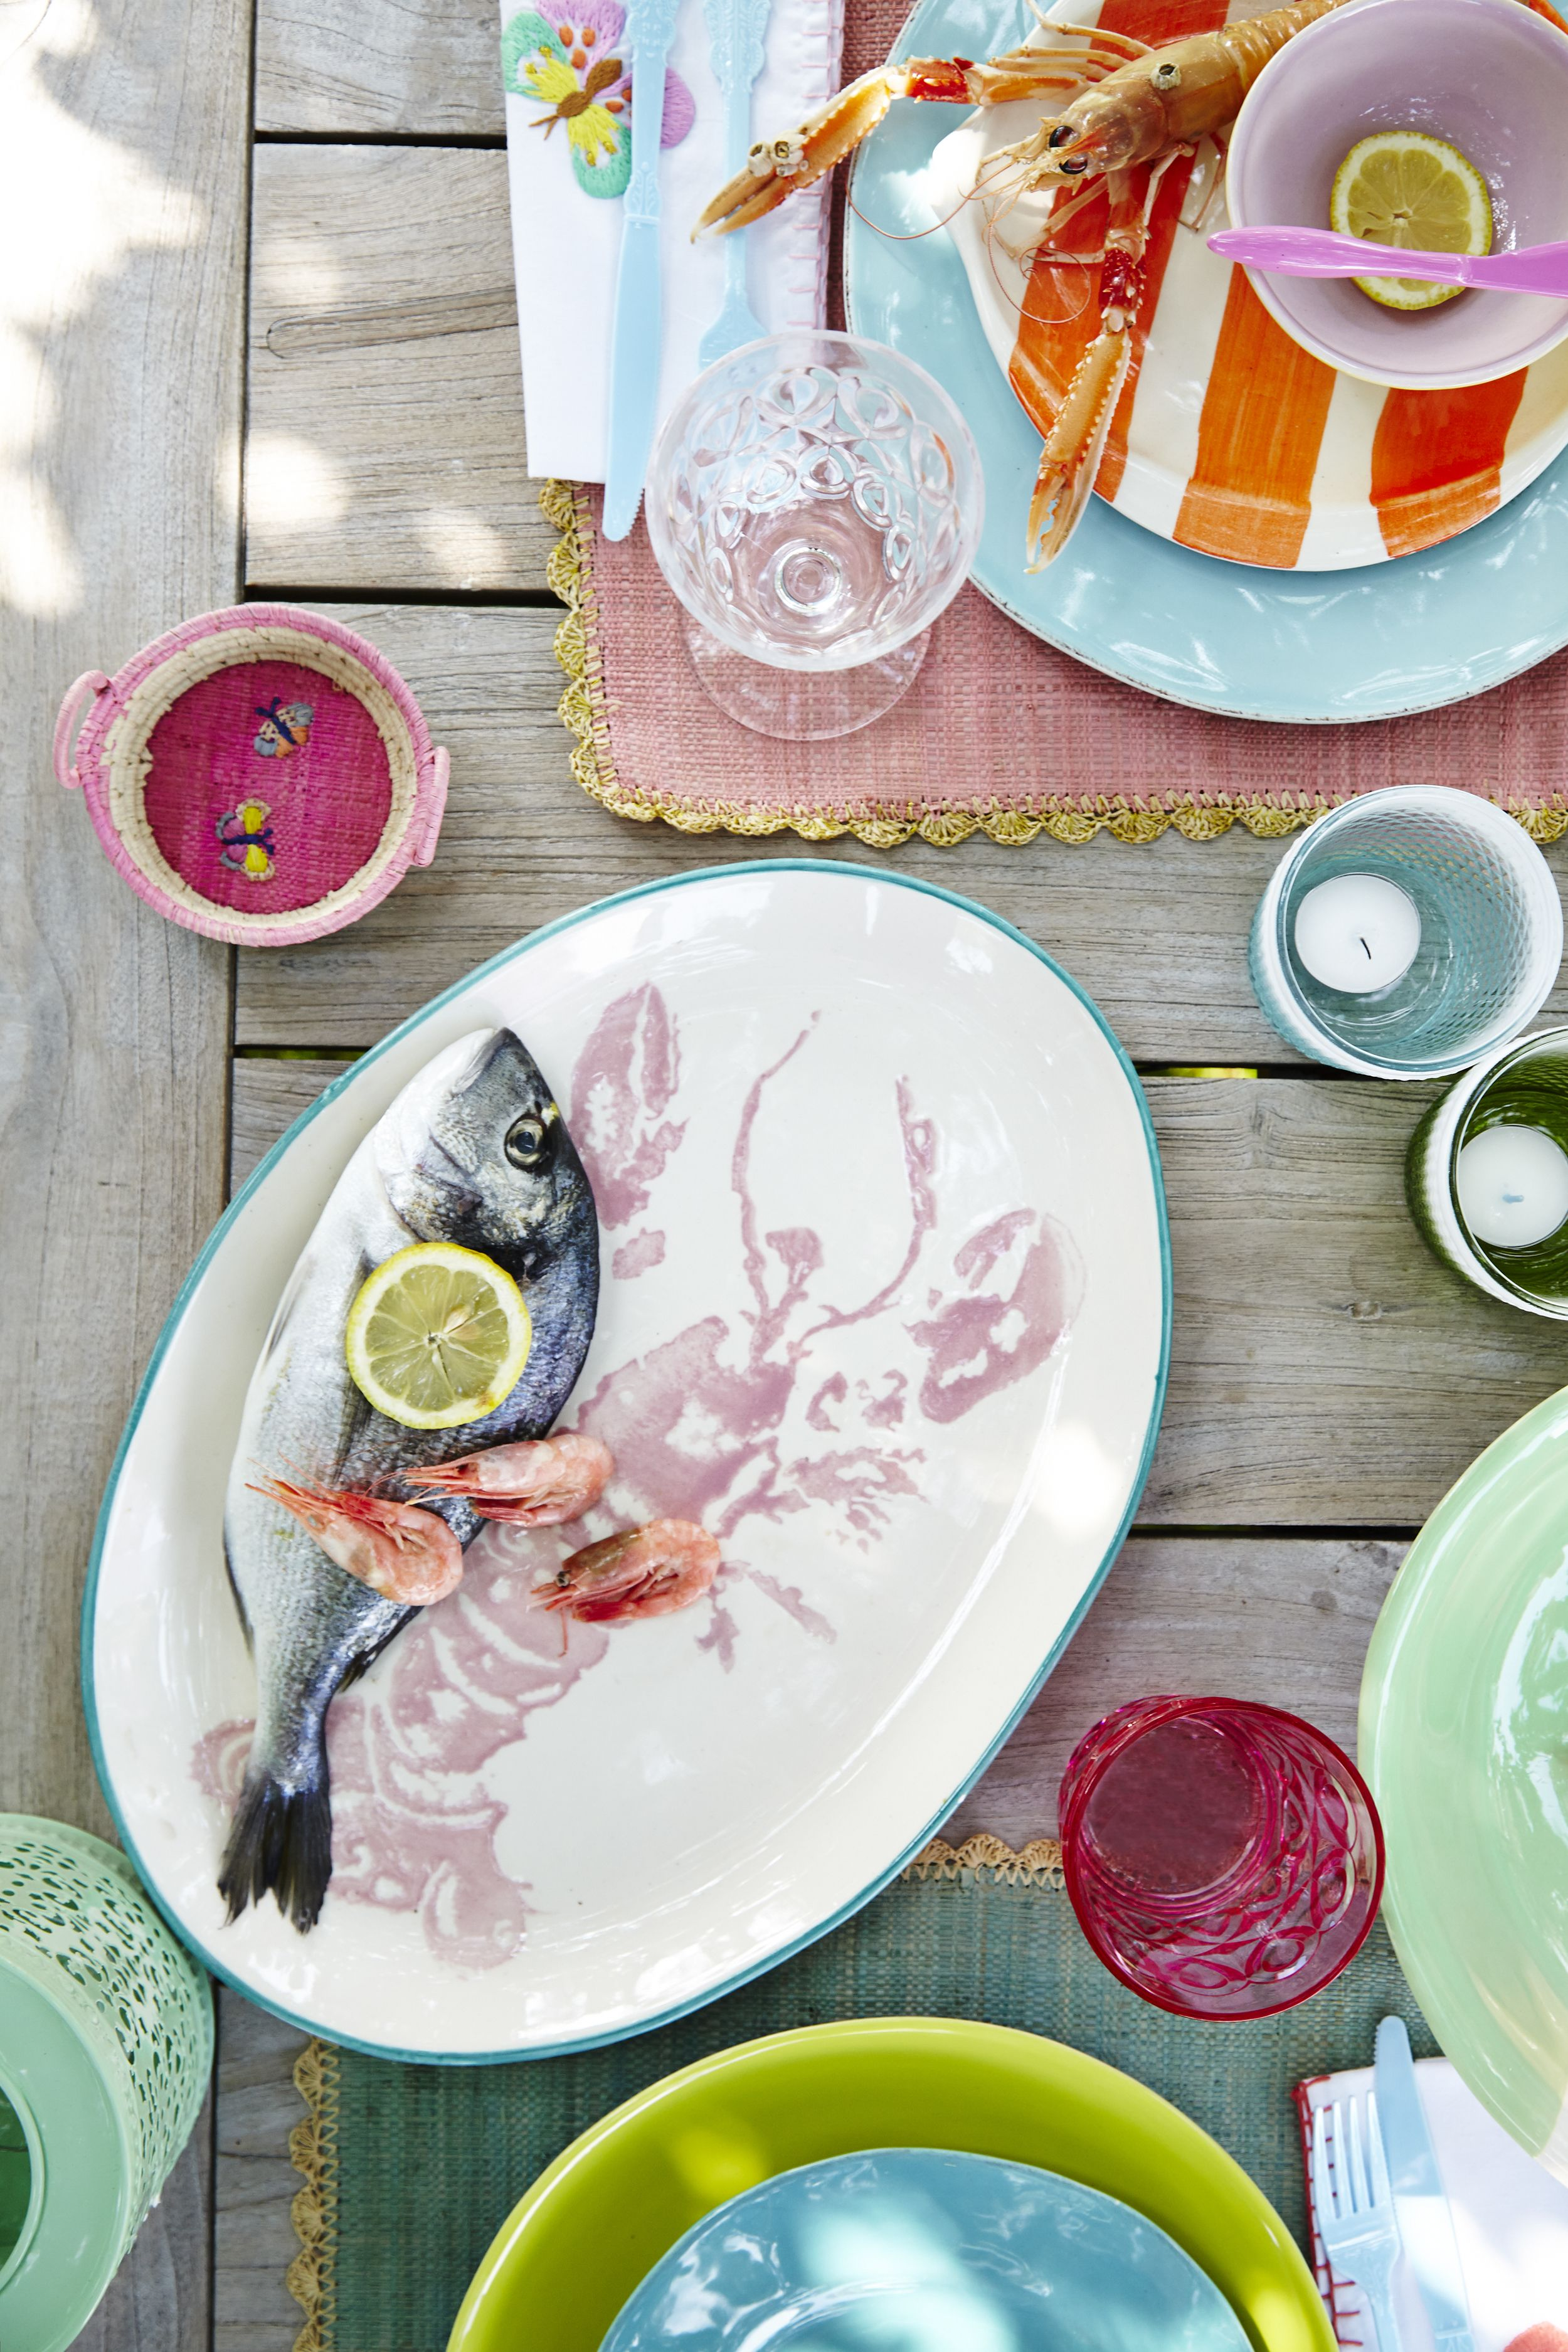 Küchenfarbe ideen gelb ceramic tableware  ss  m ceramics  pinterest  kuchen